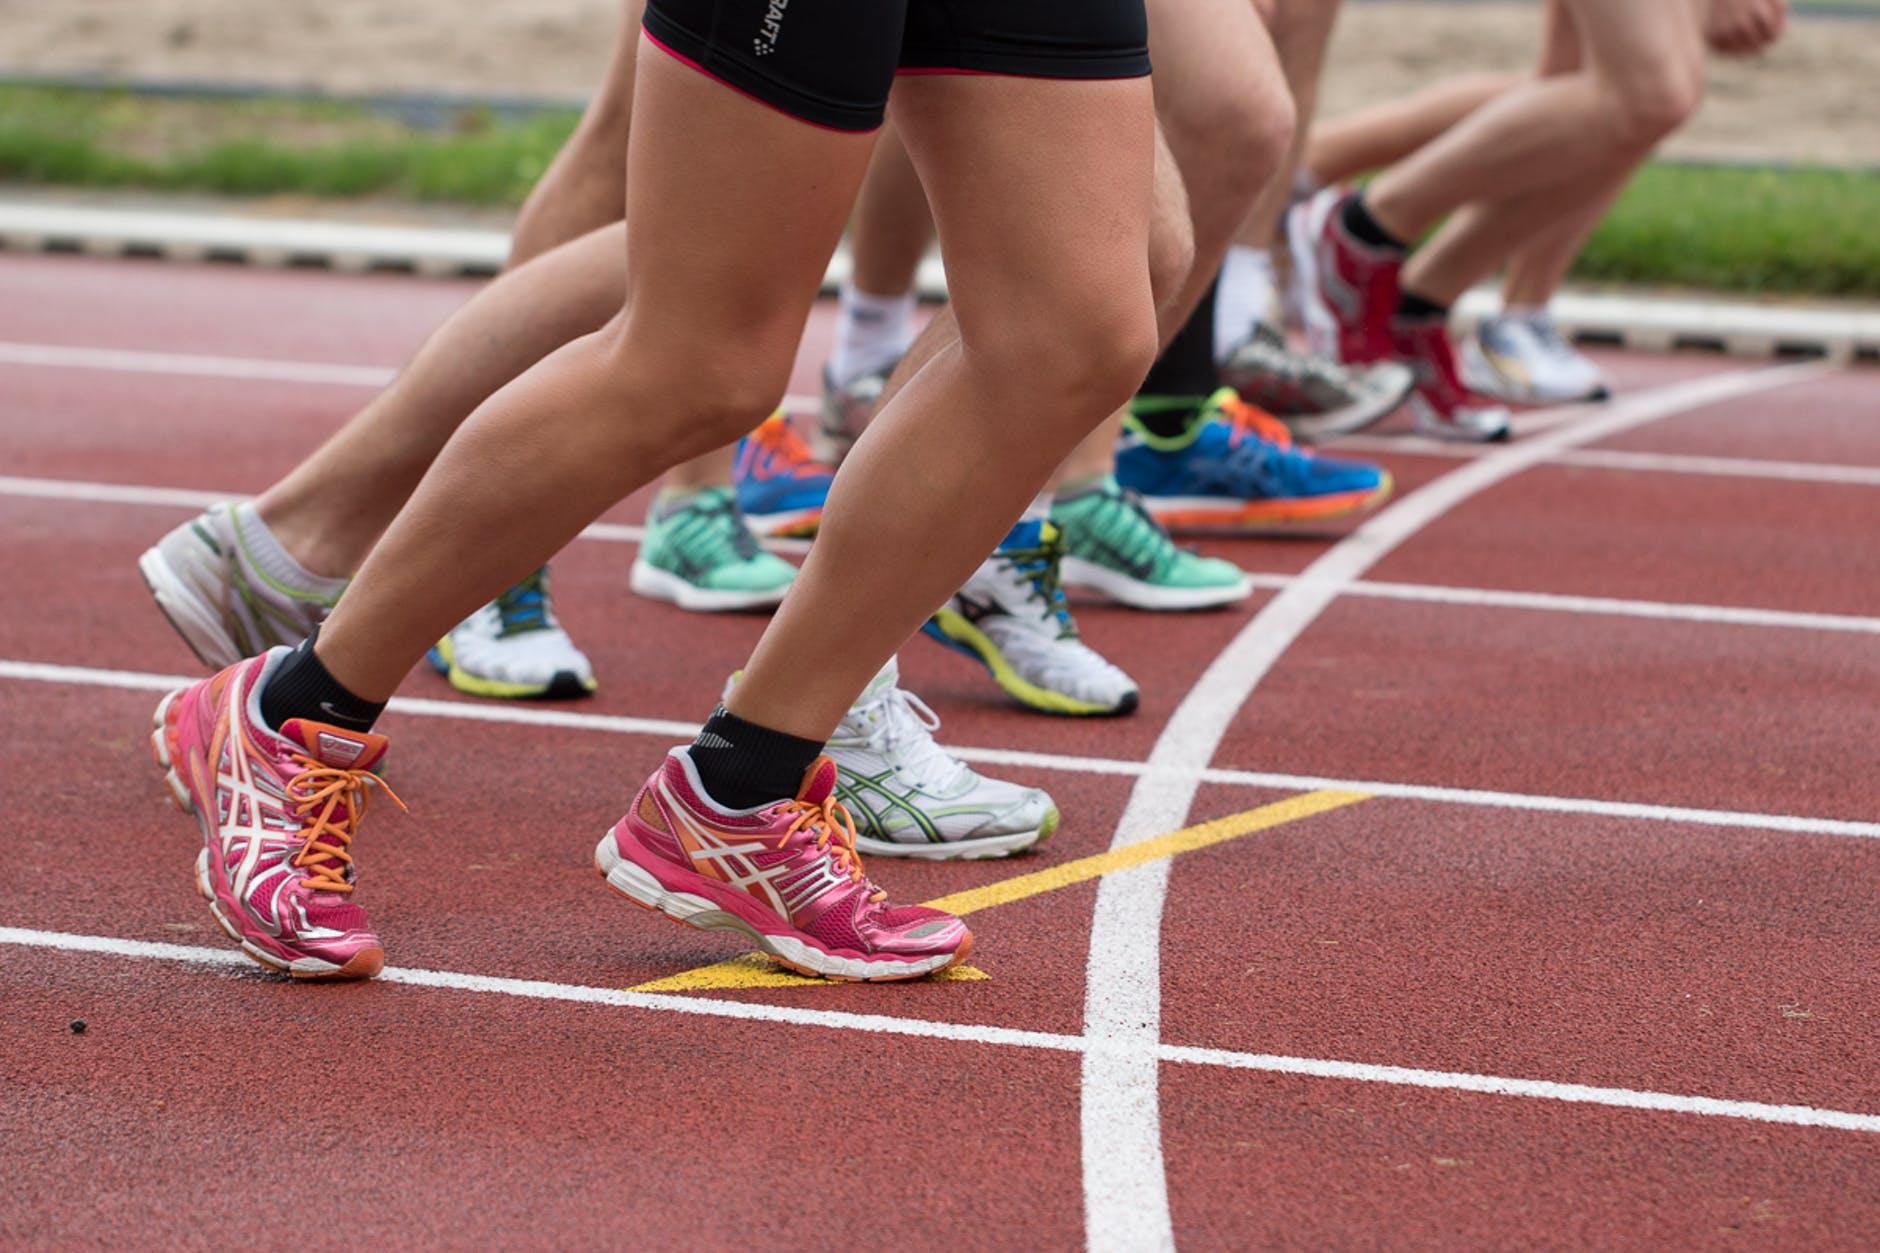 Pruebas y competición - Nutrición deportiva